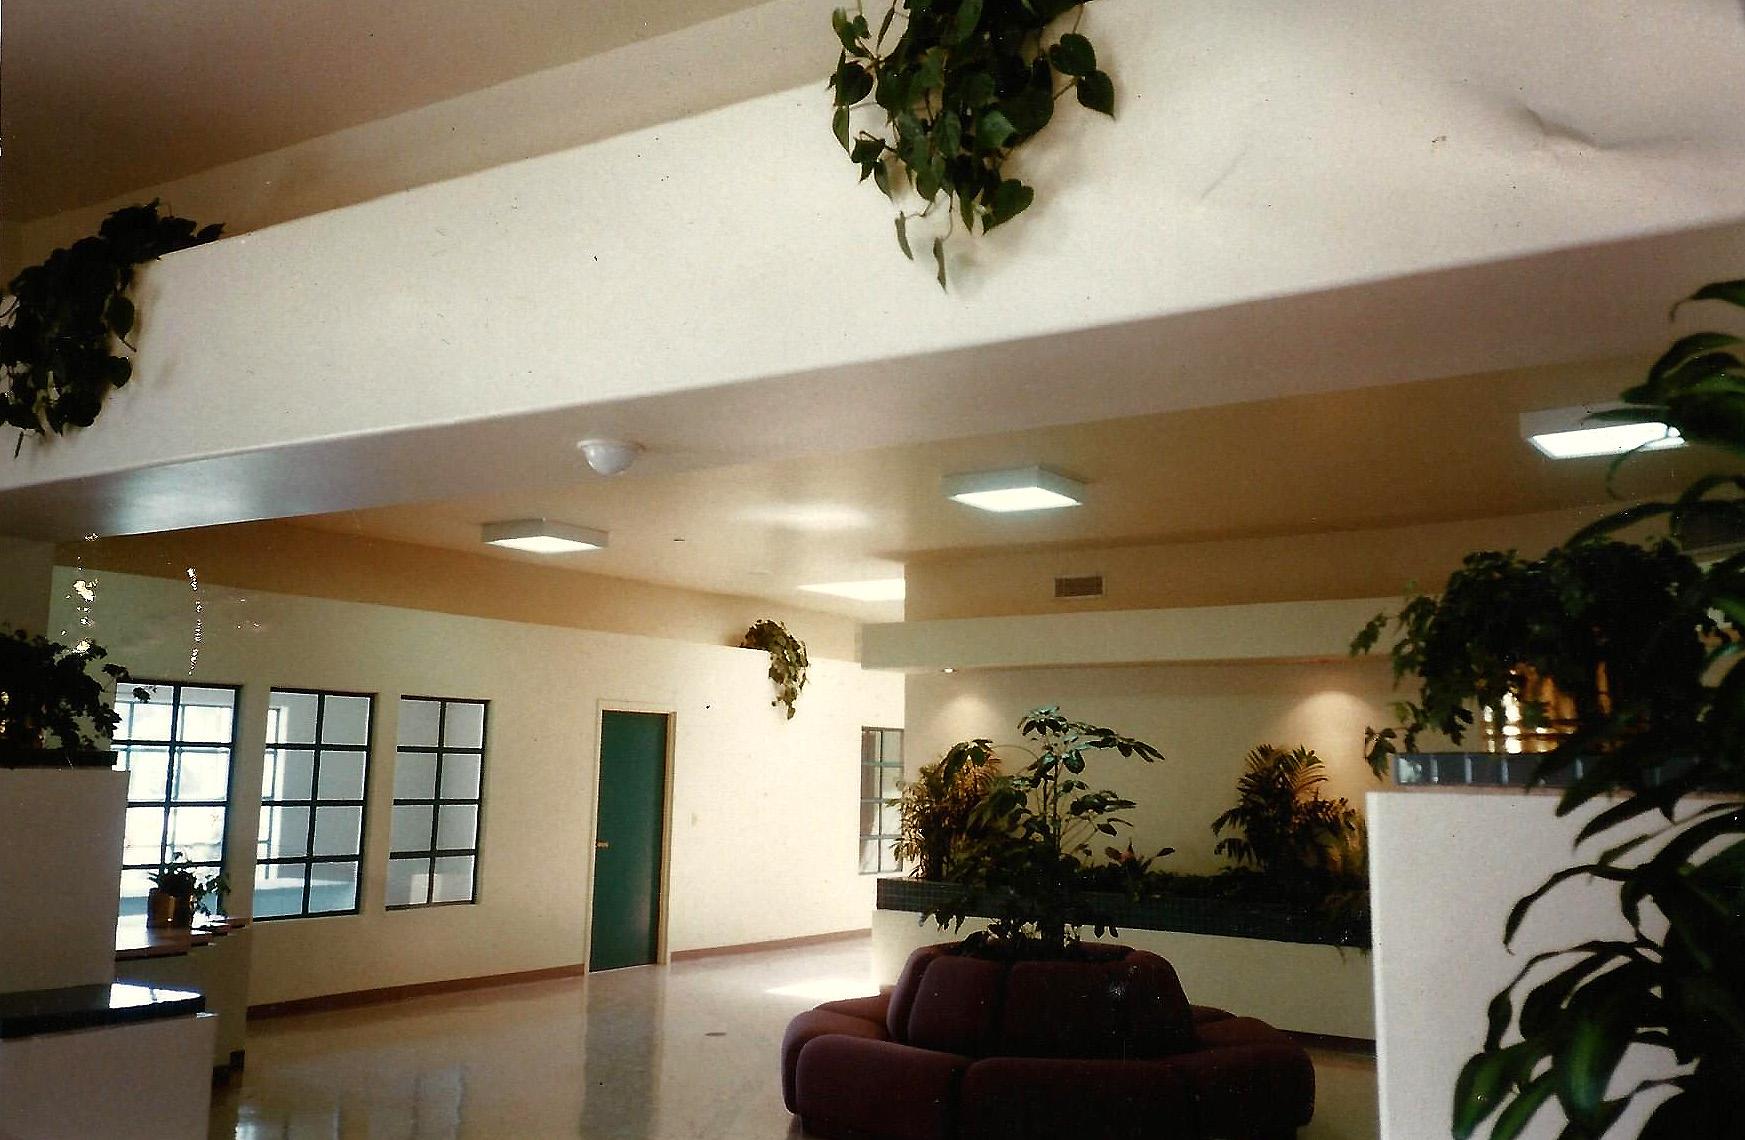 senior center-12.jpg